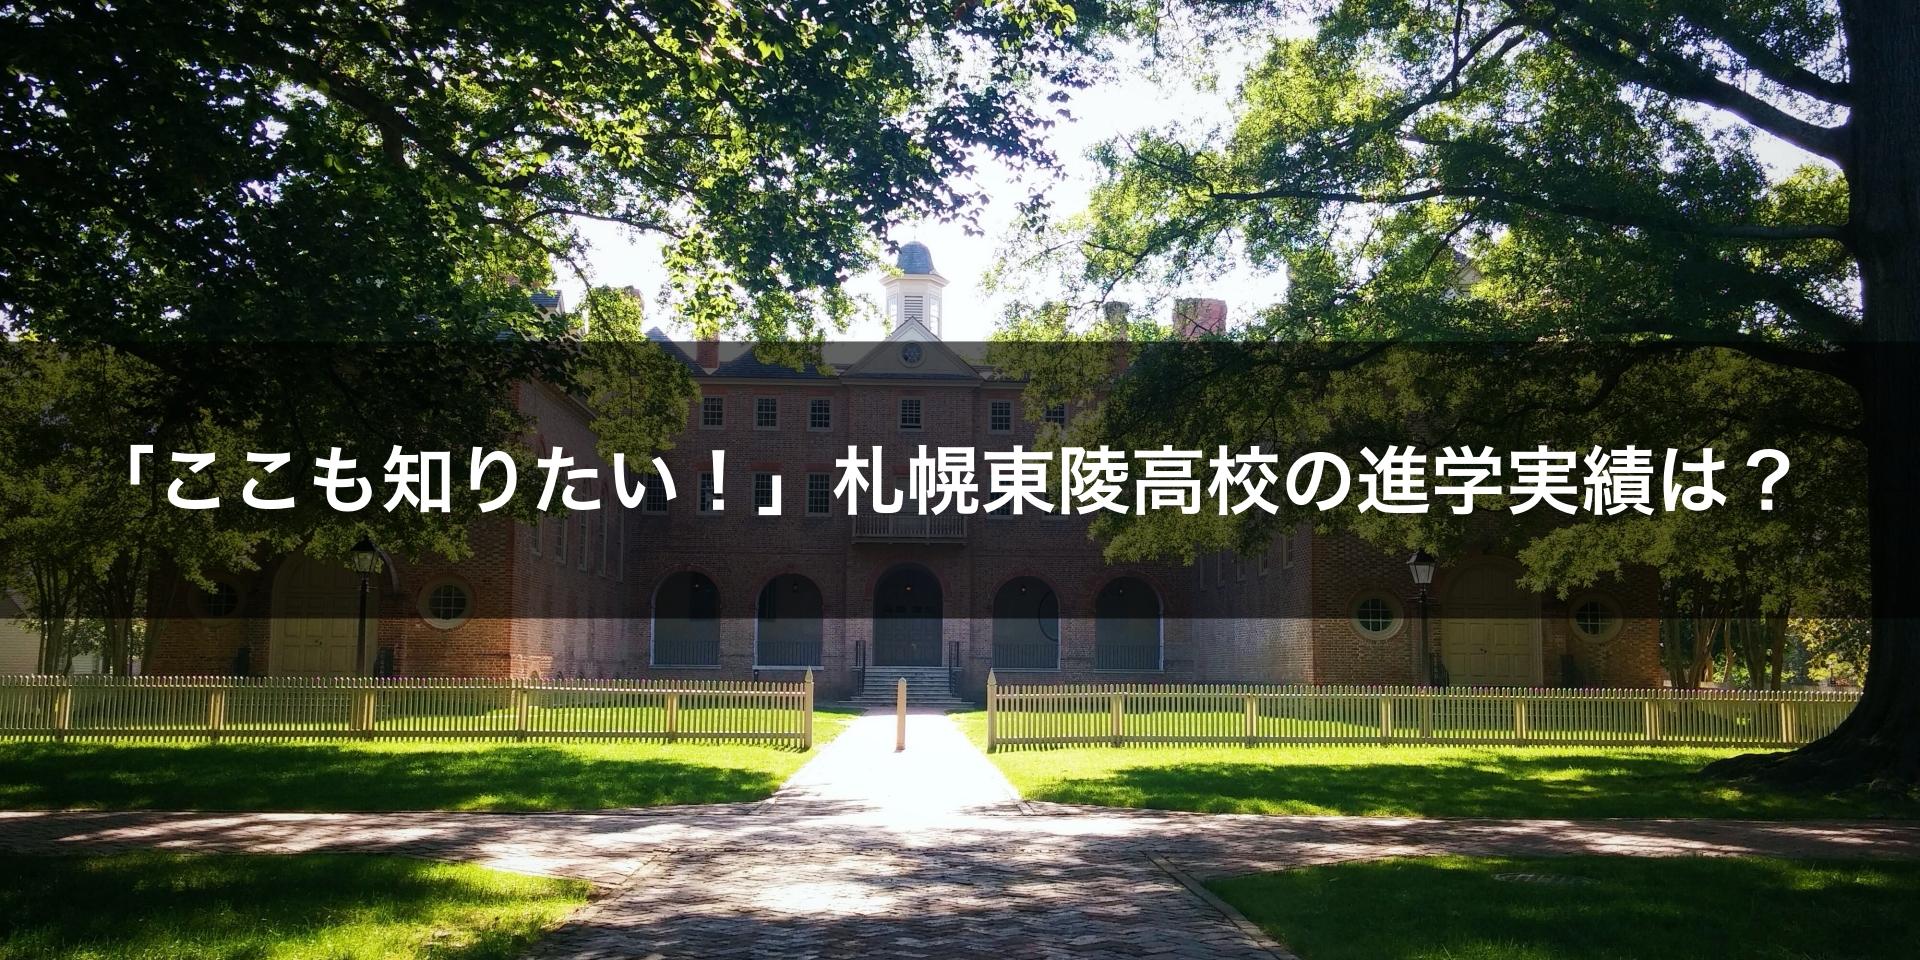 「ここも知りたい!」札幌東陵高校の進学実績は?